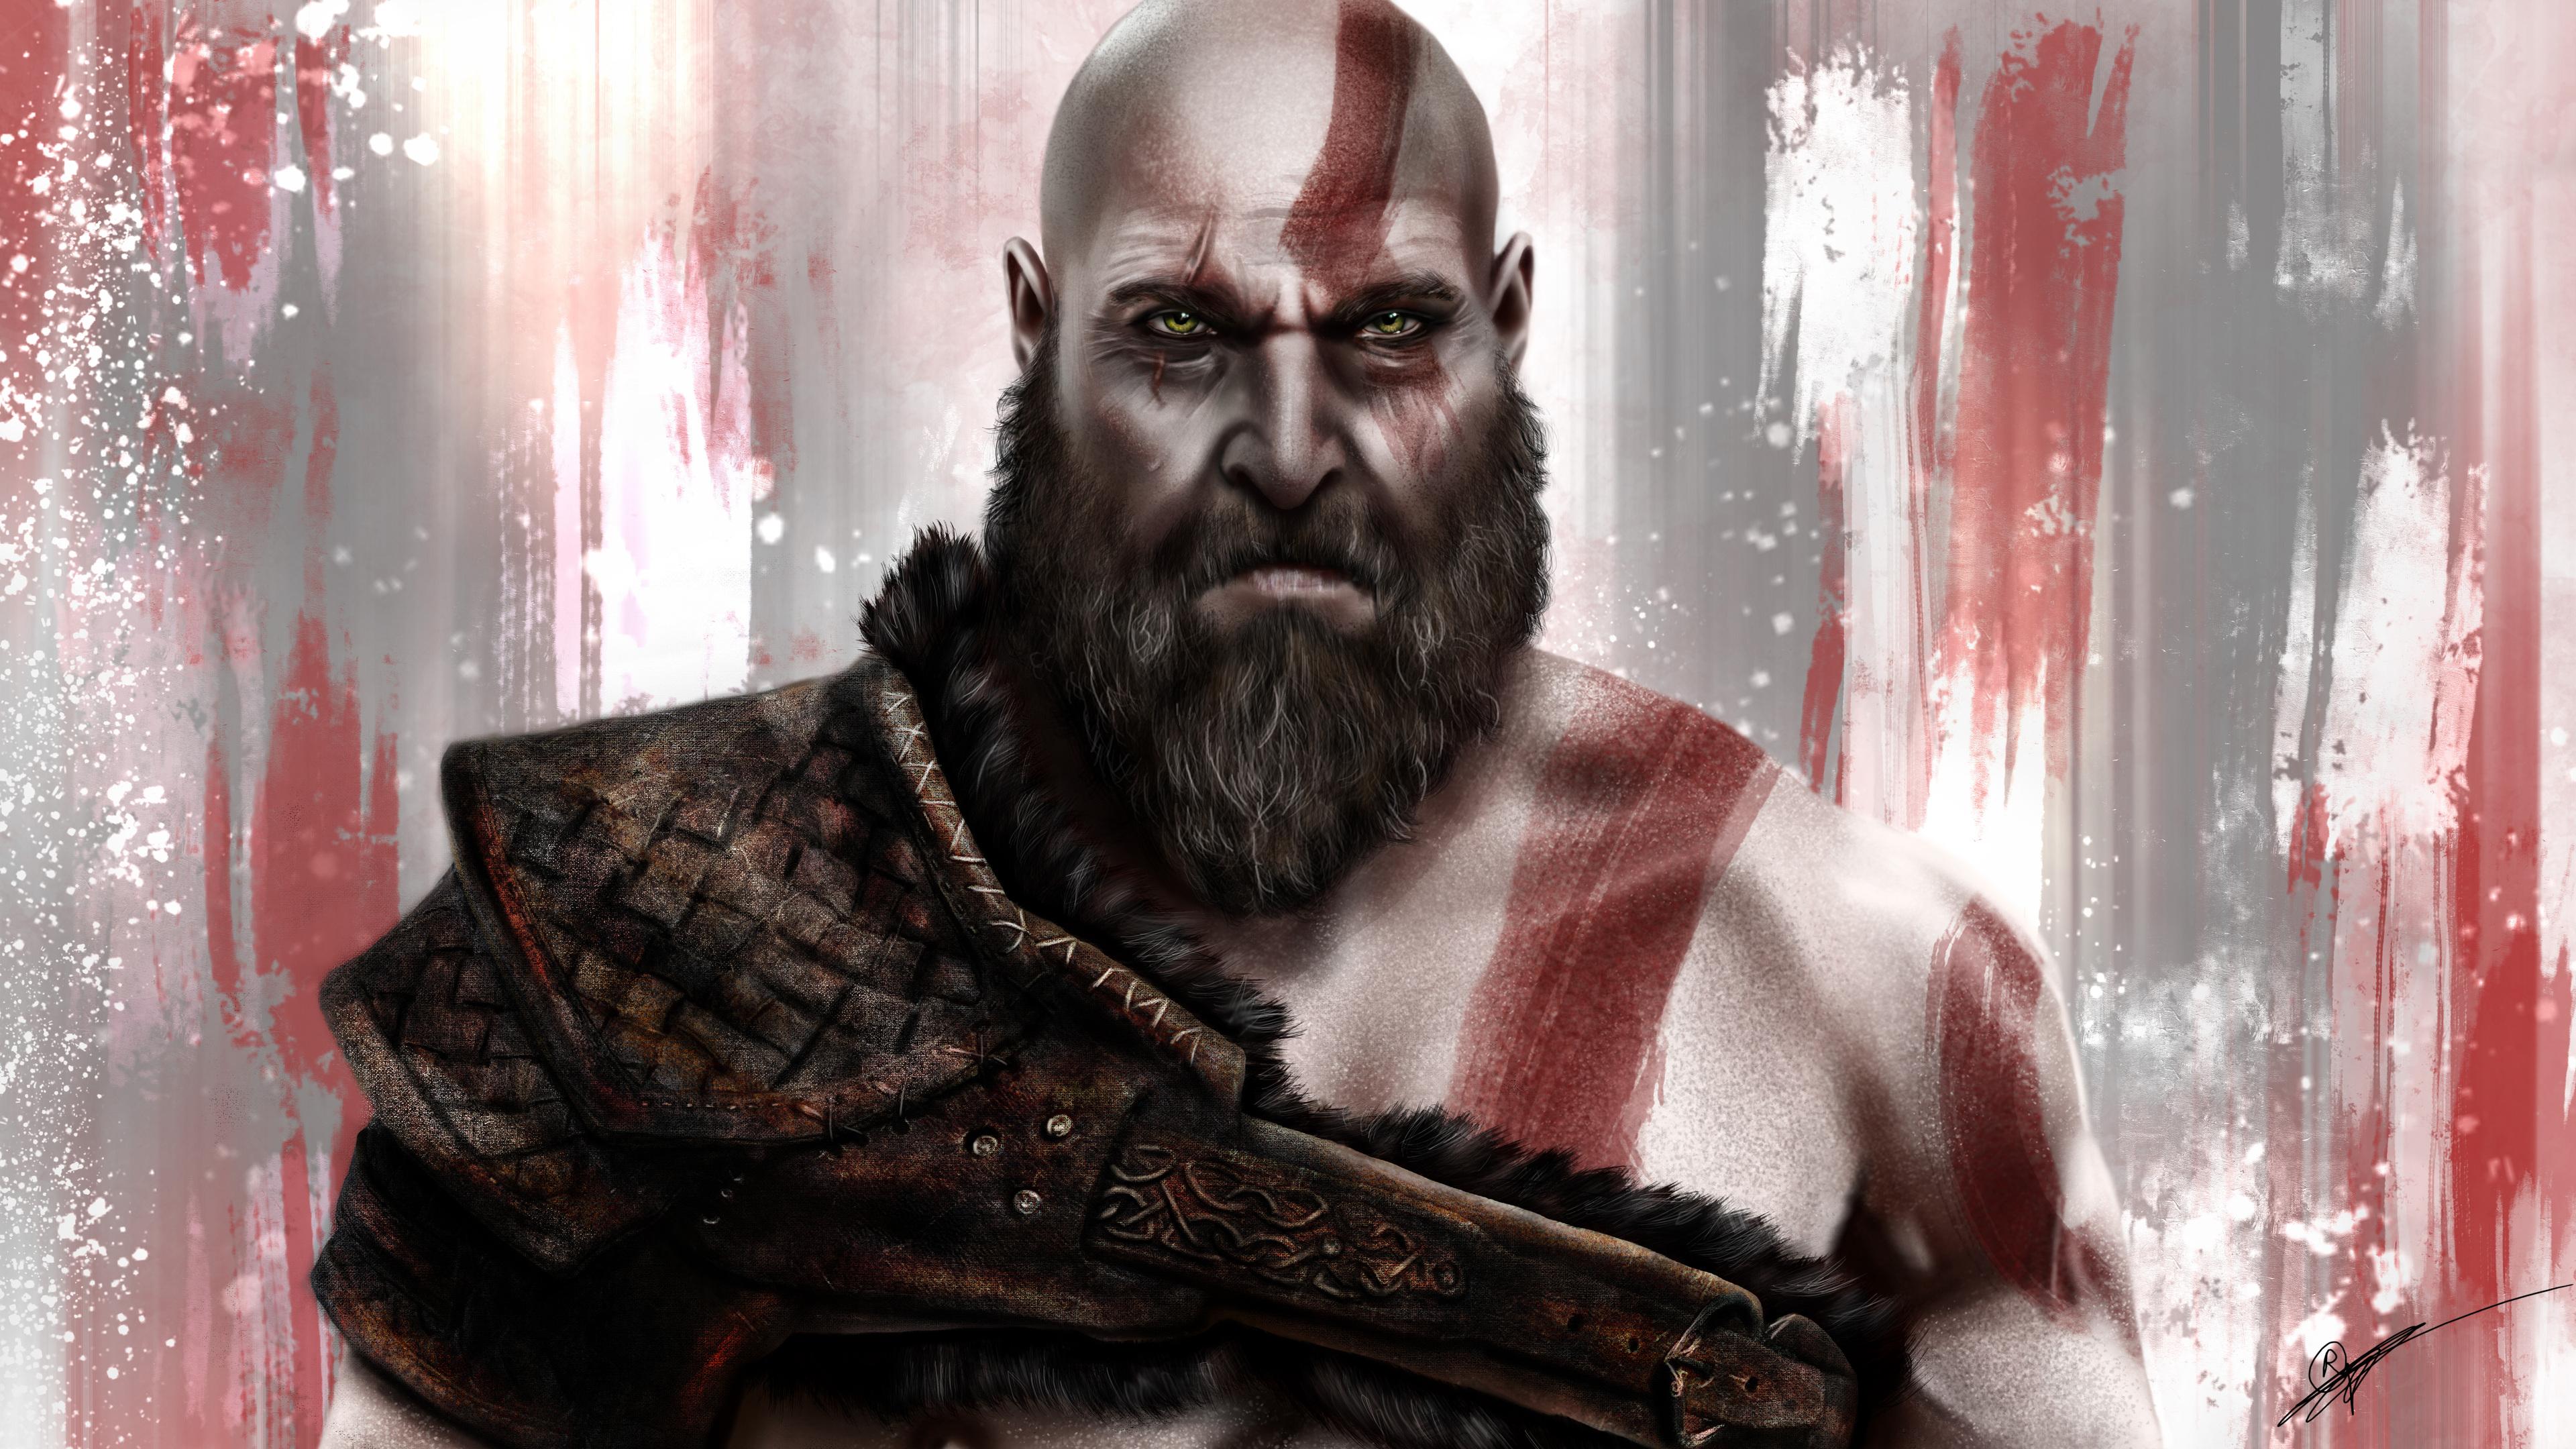 kratos-god-of-war-8k-yn.jpg